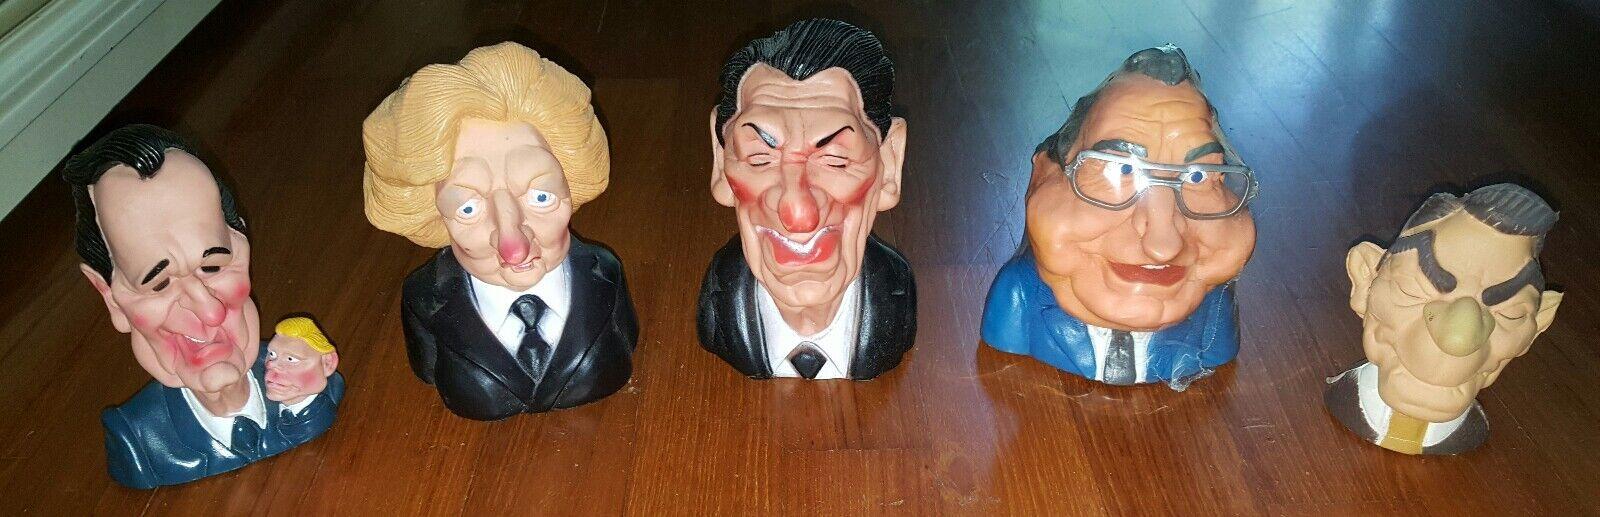 Busti Politici politician Tatcher, Koll, Regan, figurine figure pvc uk usa 80